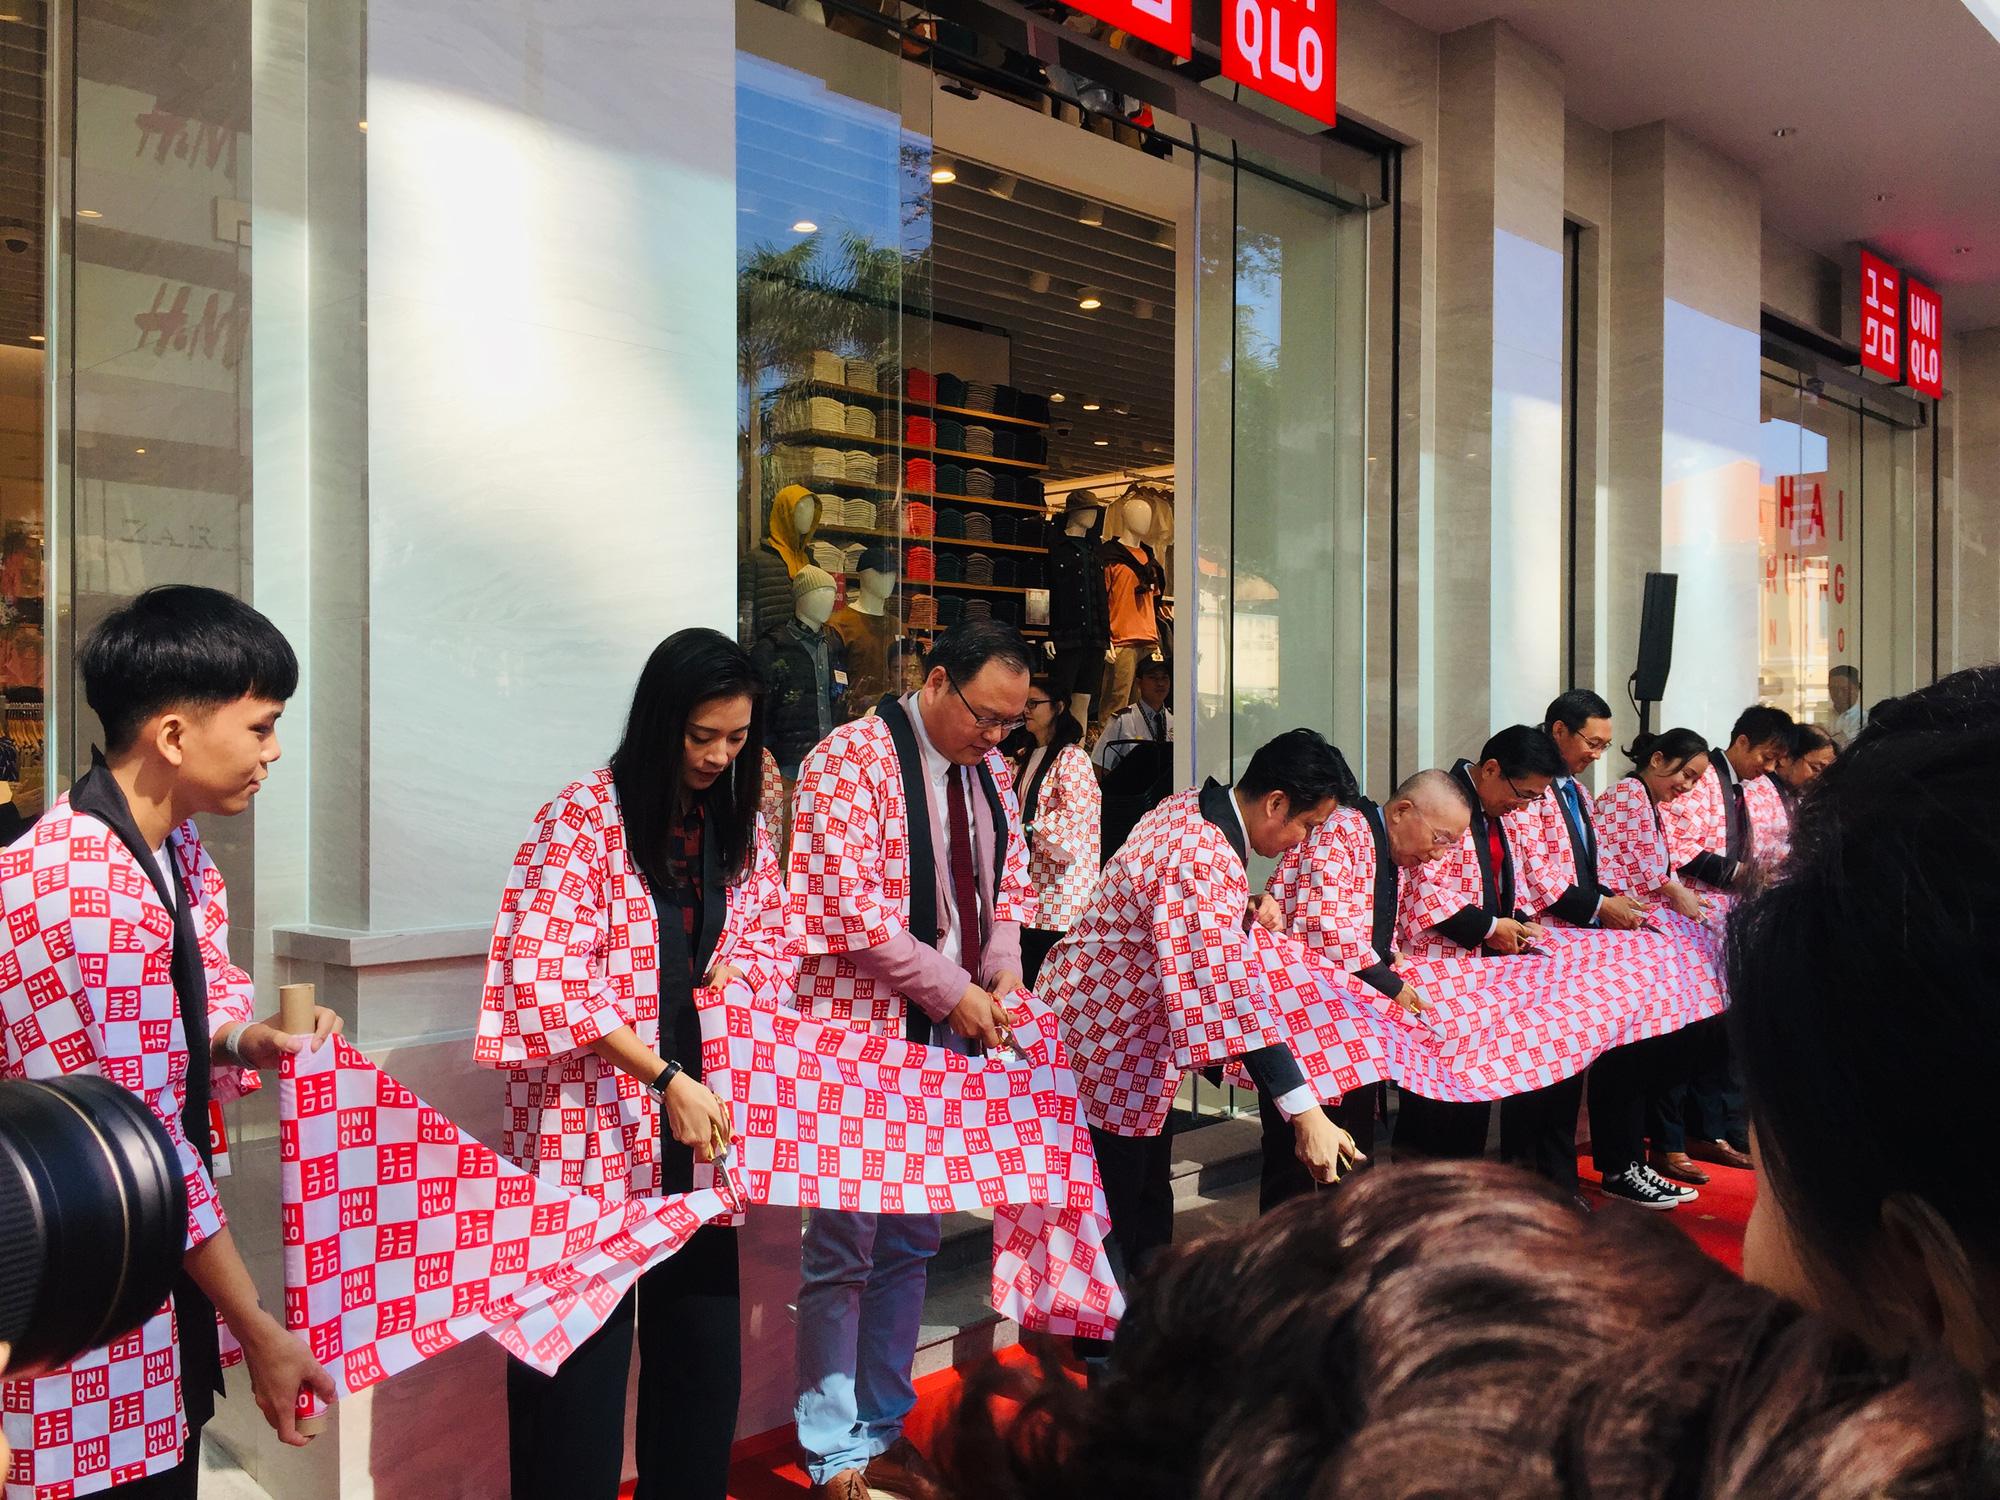 Sự kiện cắt băng khai trương cửa hàng Uniqlo đầu tiên tại Việt Nam.